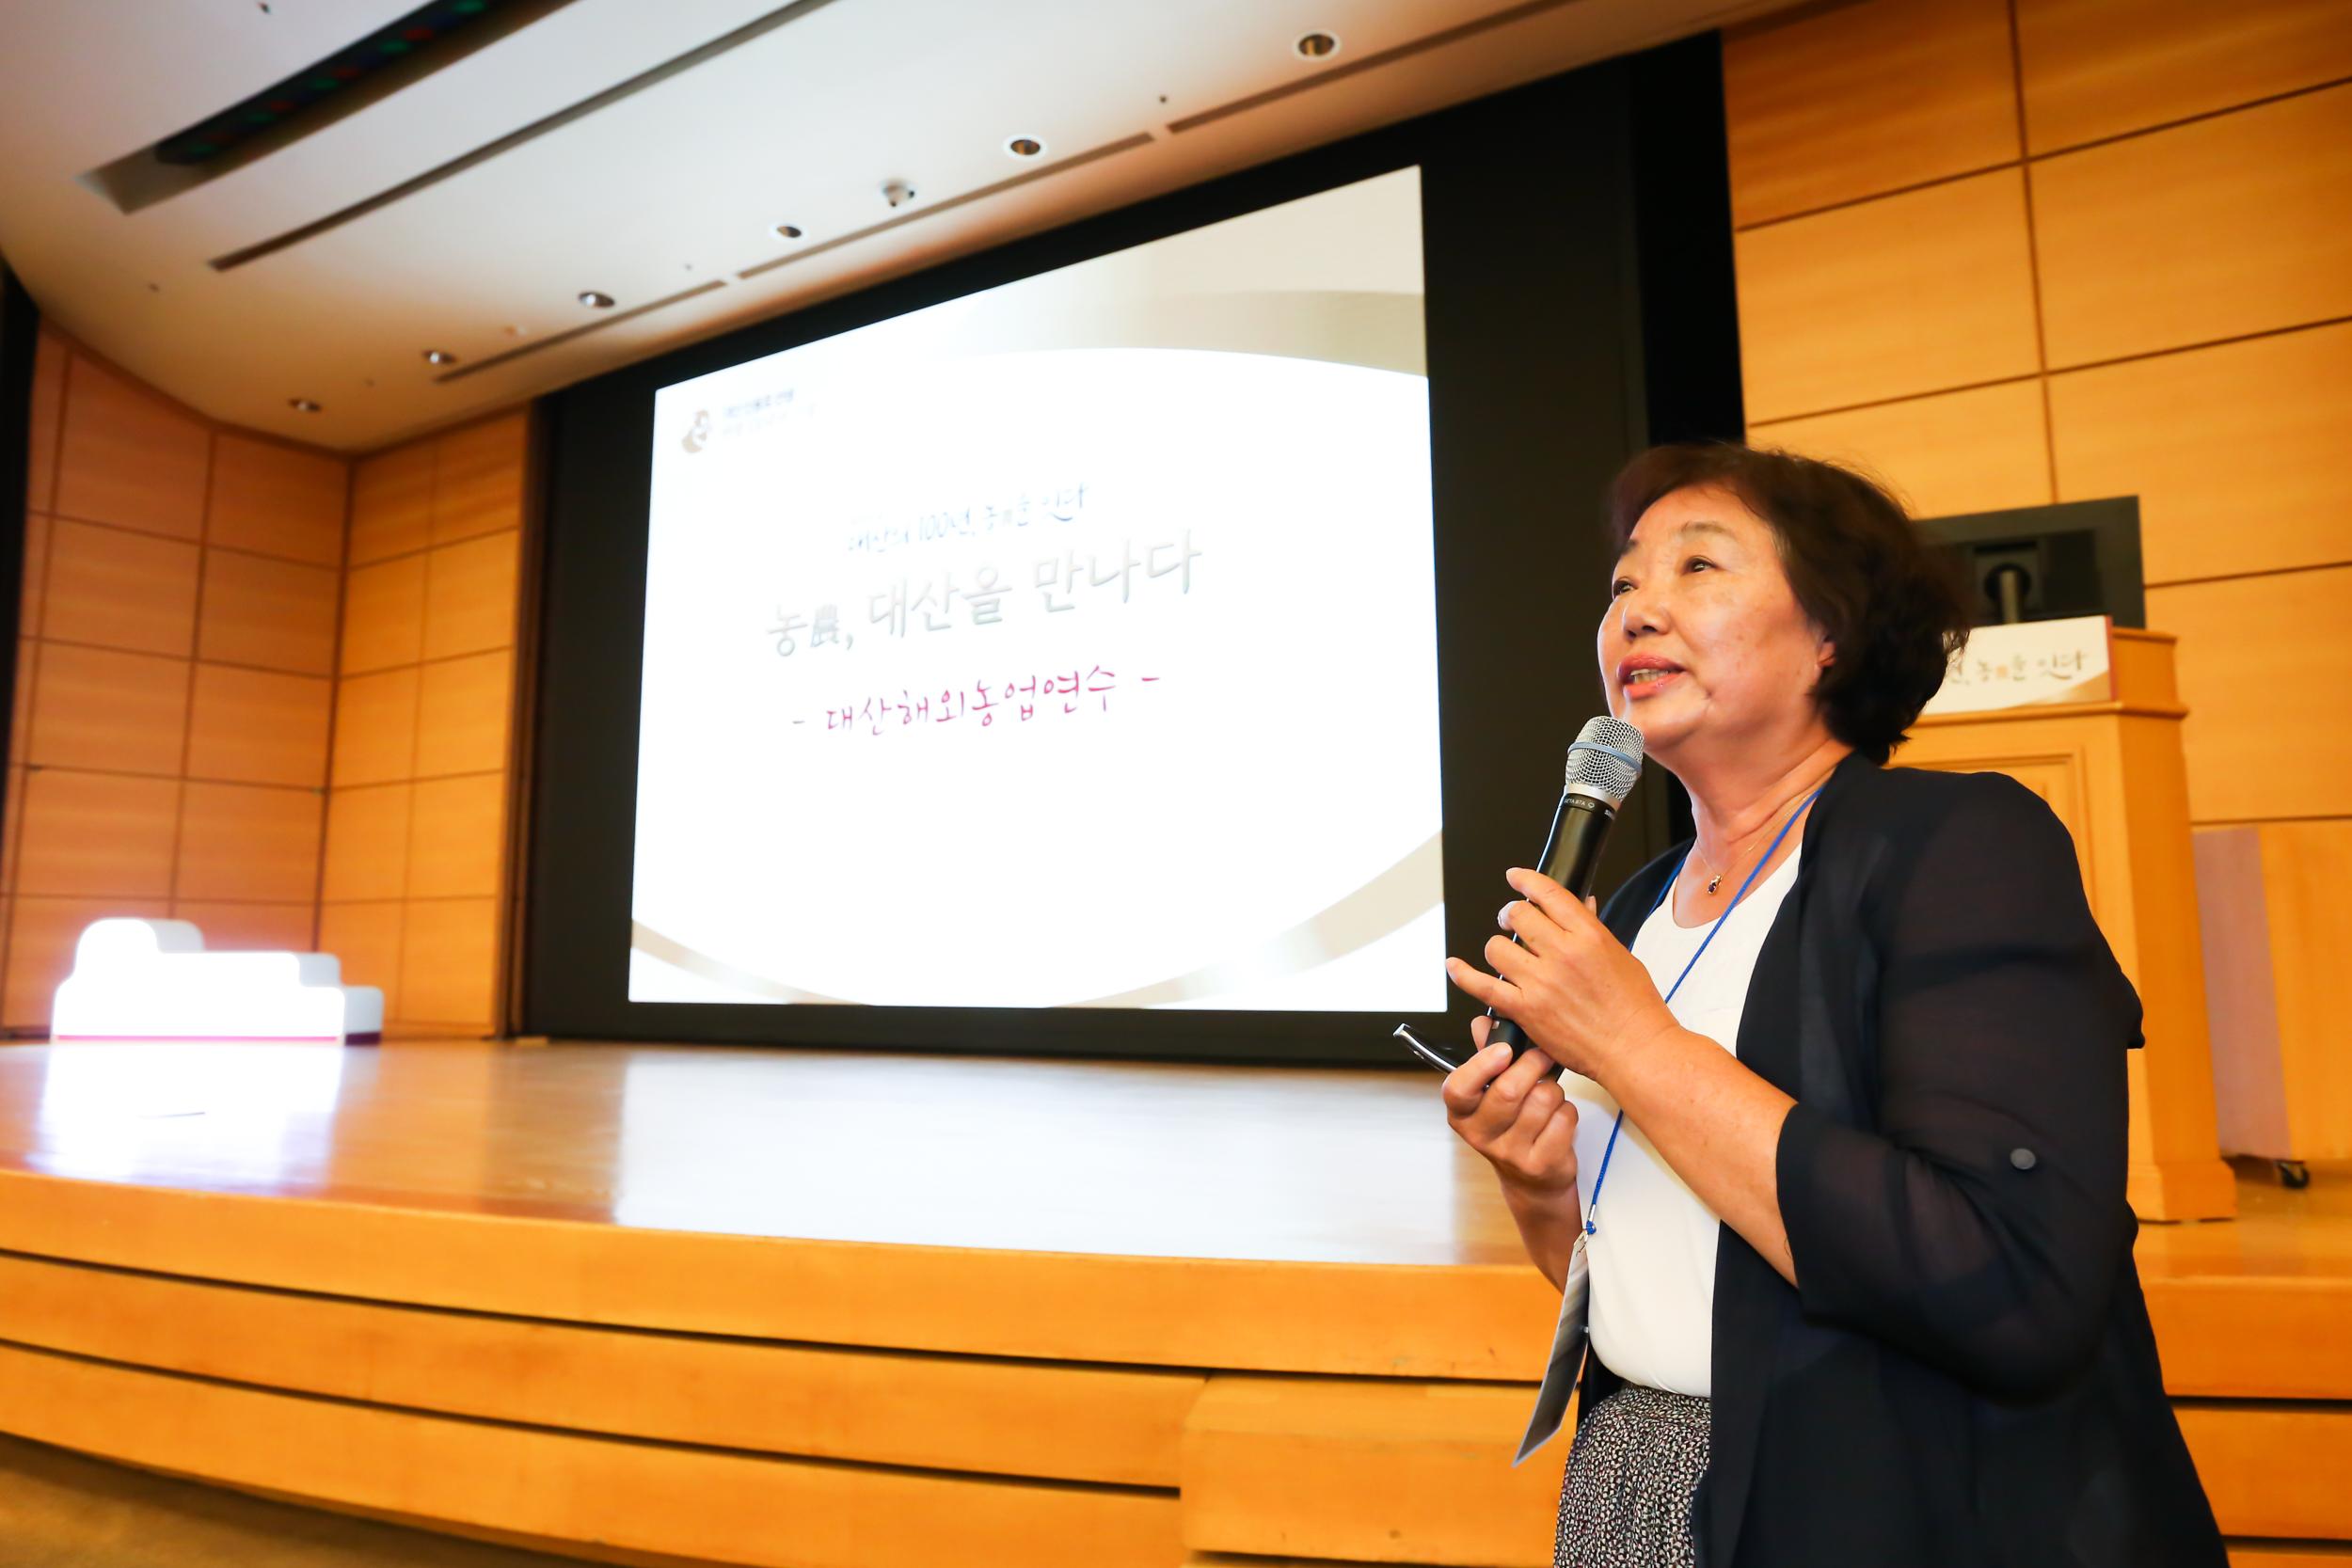 유가공‧목장체험 철탑산업훈장을 수훈한 조옥향 은아목장 대표는 한국의 낙농 정책을 바꾸고 유럽형 체험목장을 일궈온 사례를 나눴다.